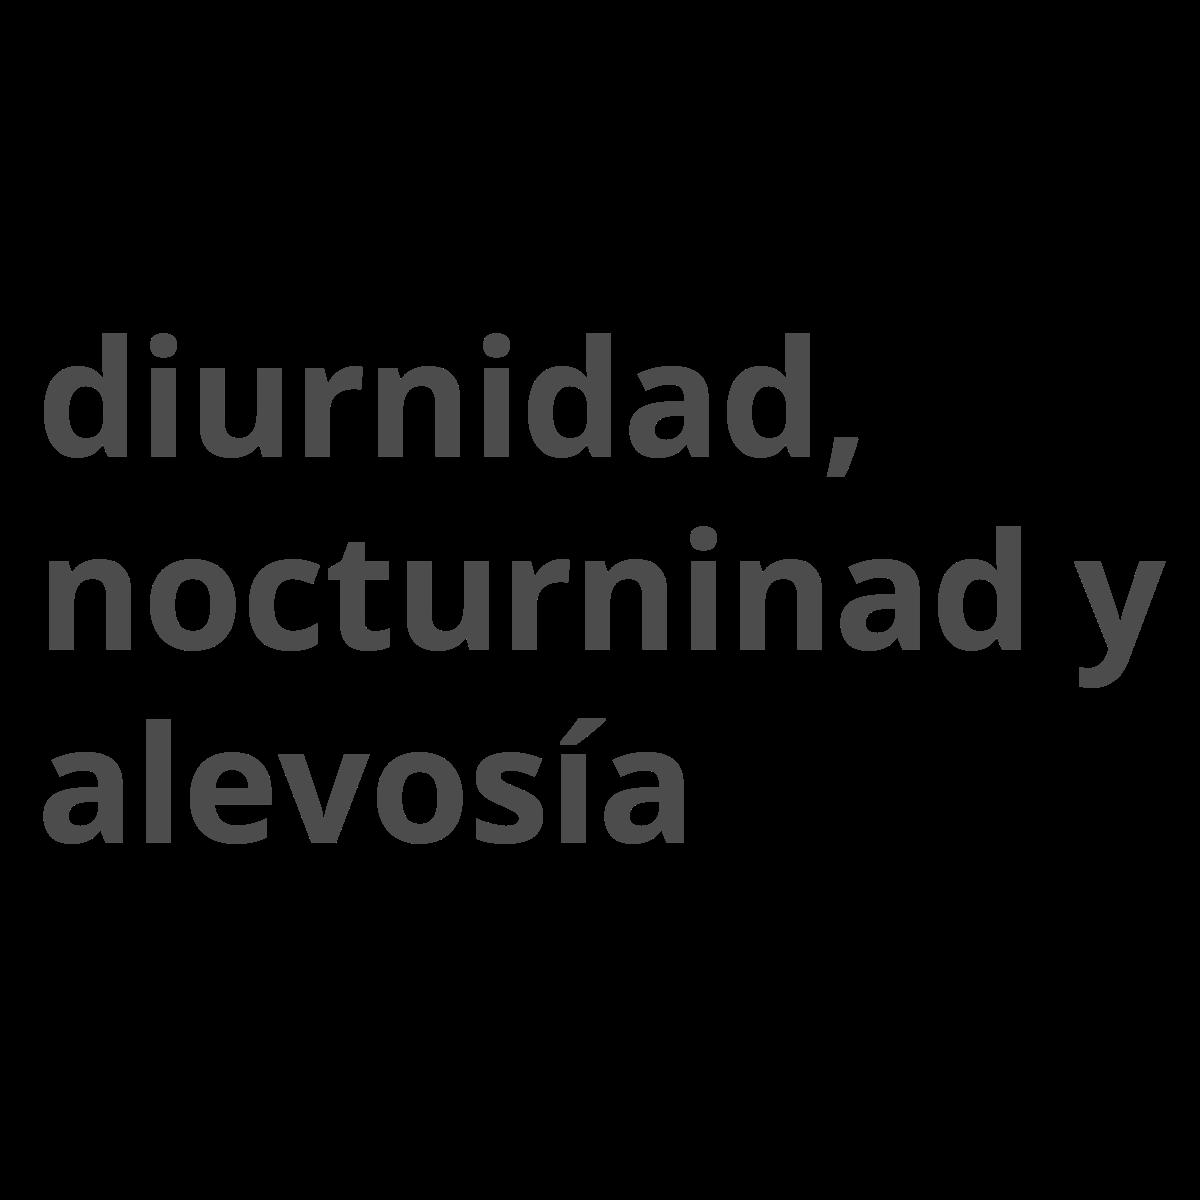 Diurnidad, Nocturnidad y Alevosía